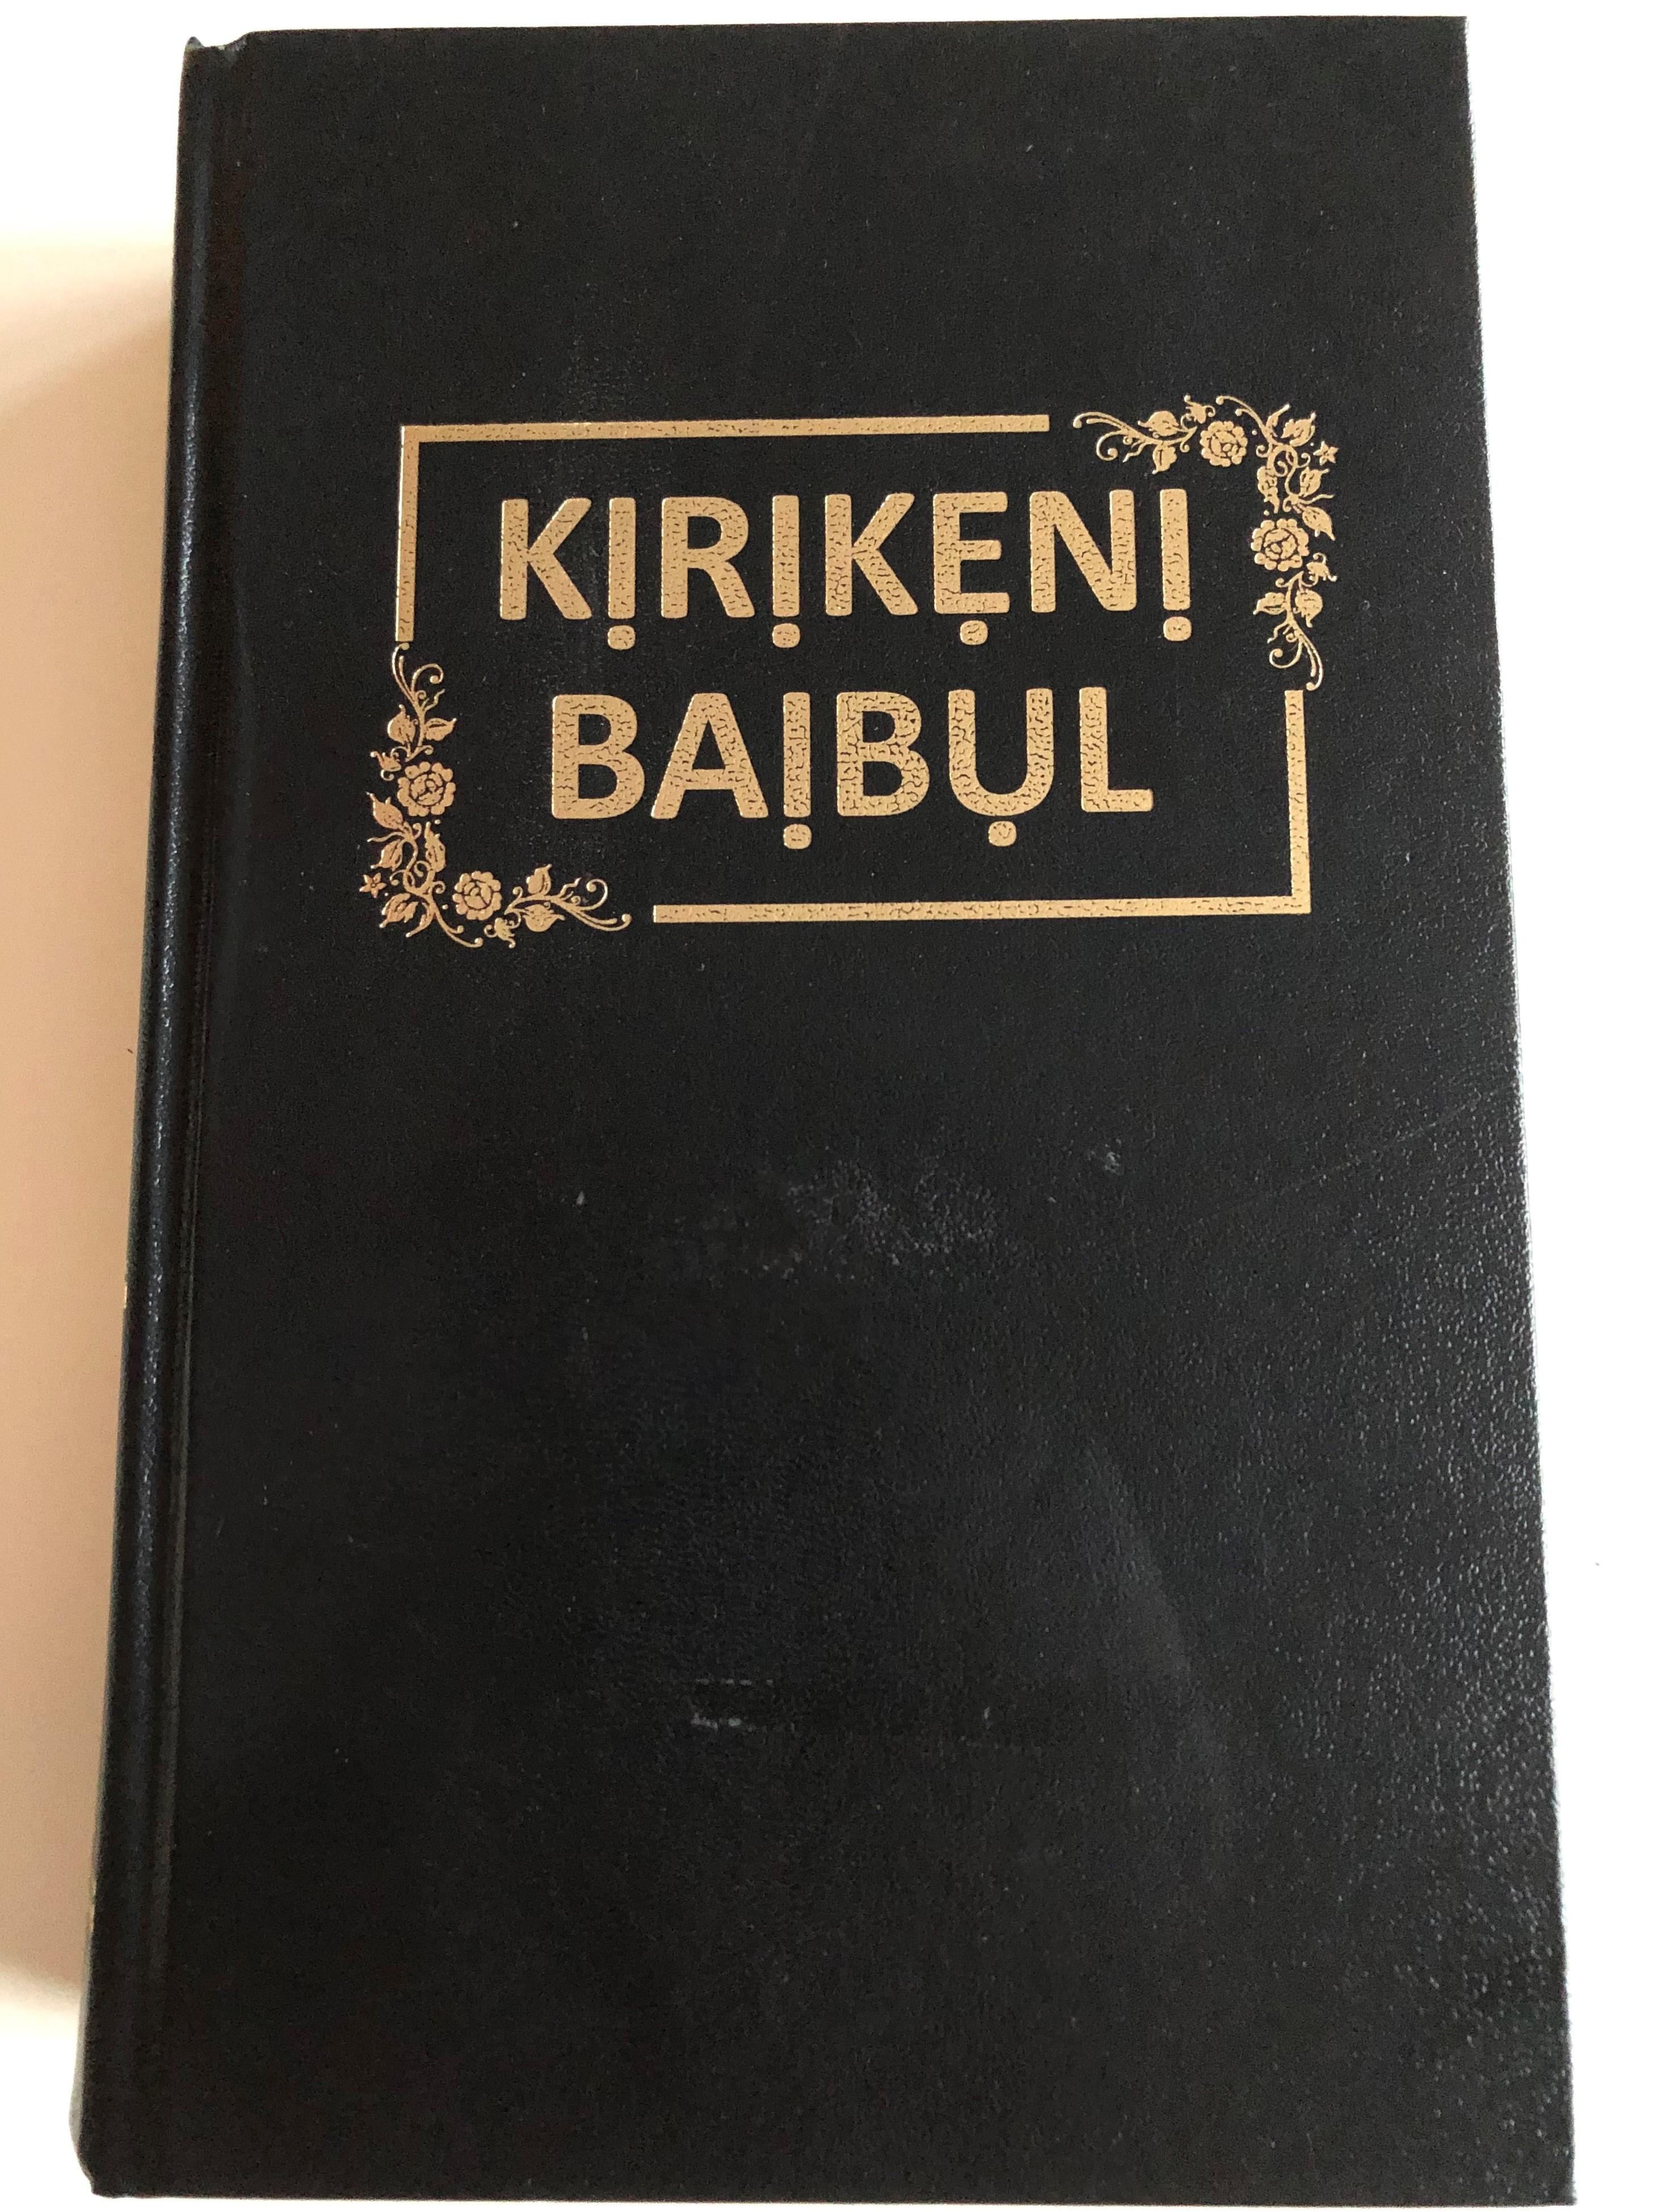 okrika-holy-bible-kirikeni-baibul-bible-society-nigeria-2017-1.jpg